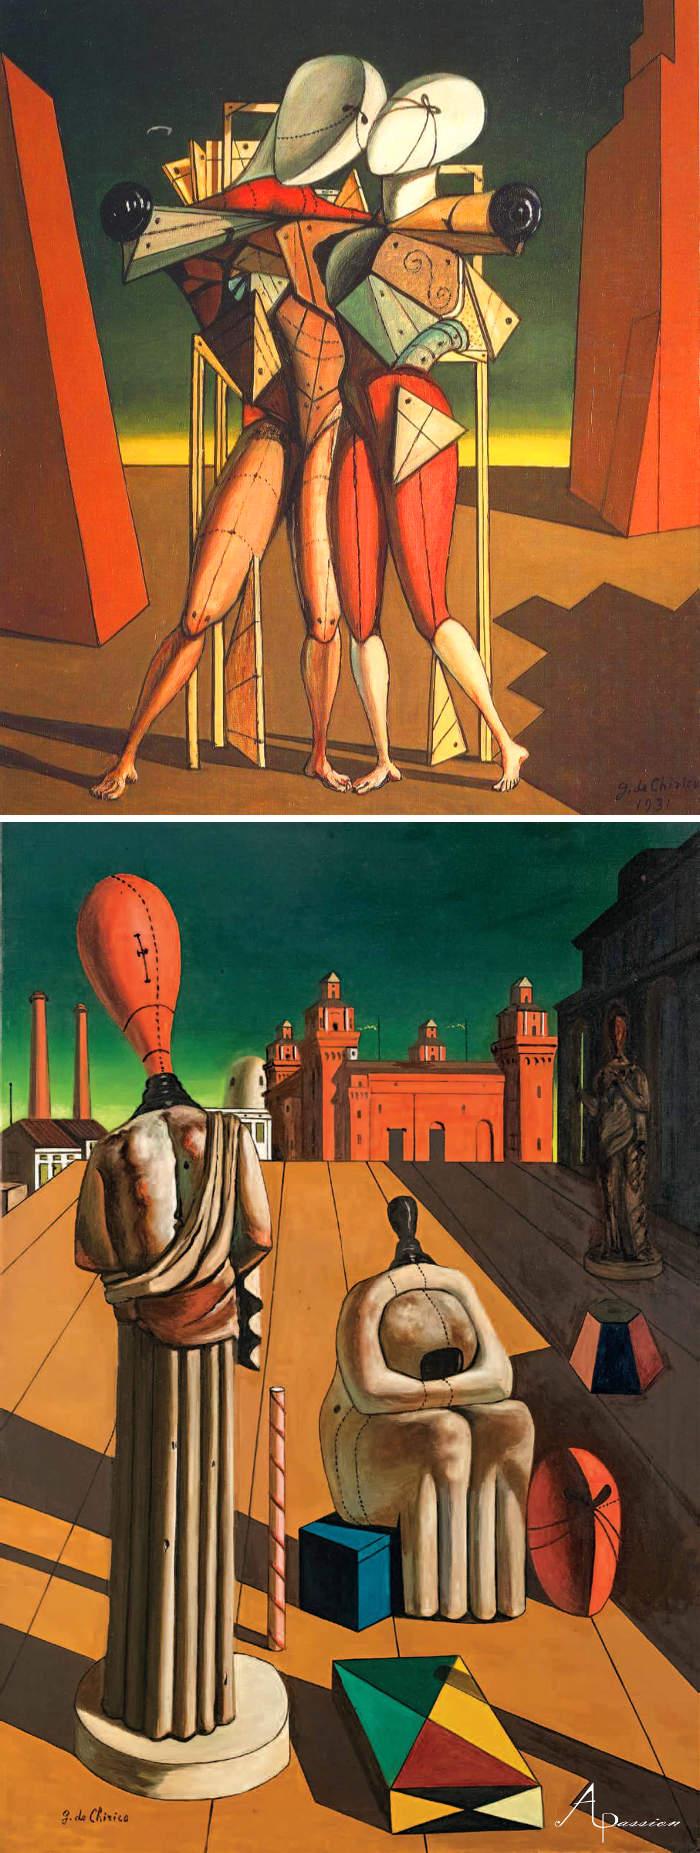 Come riconoscere artisti famosi dai loro quadri, Giorgio de Chirico